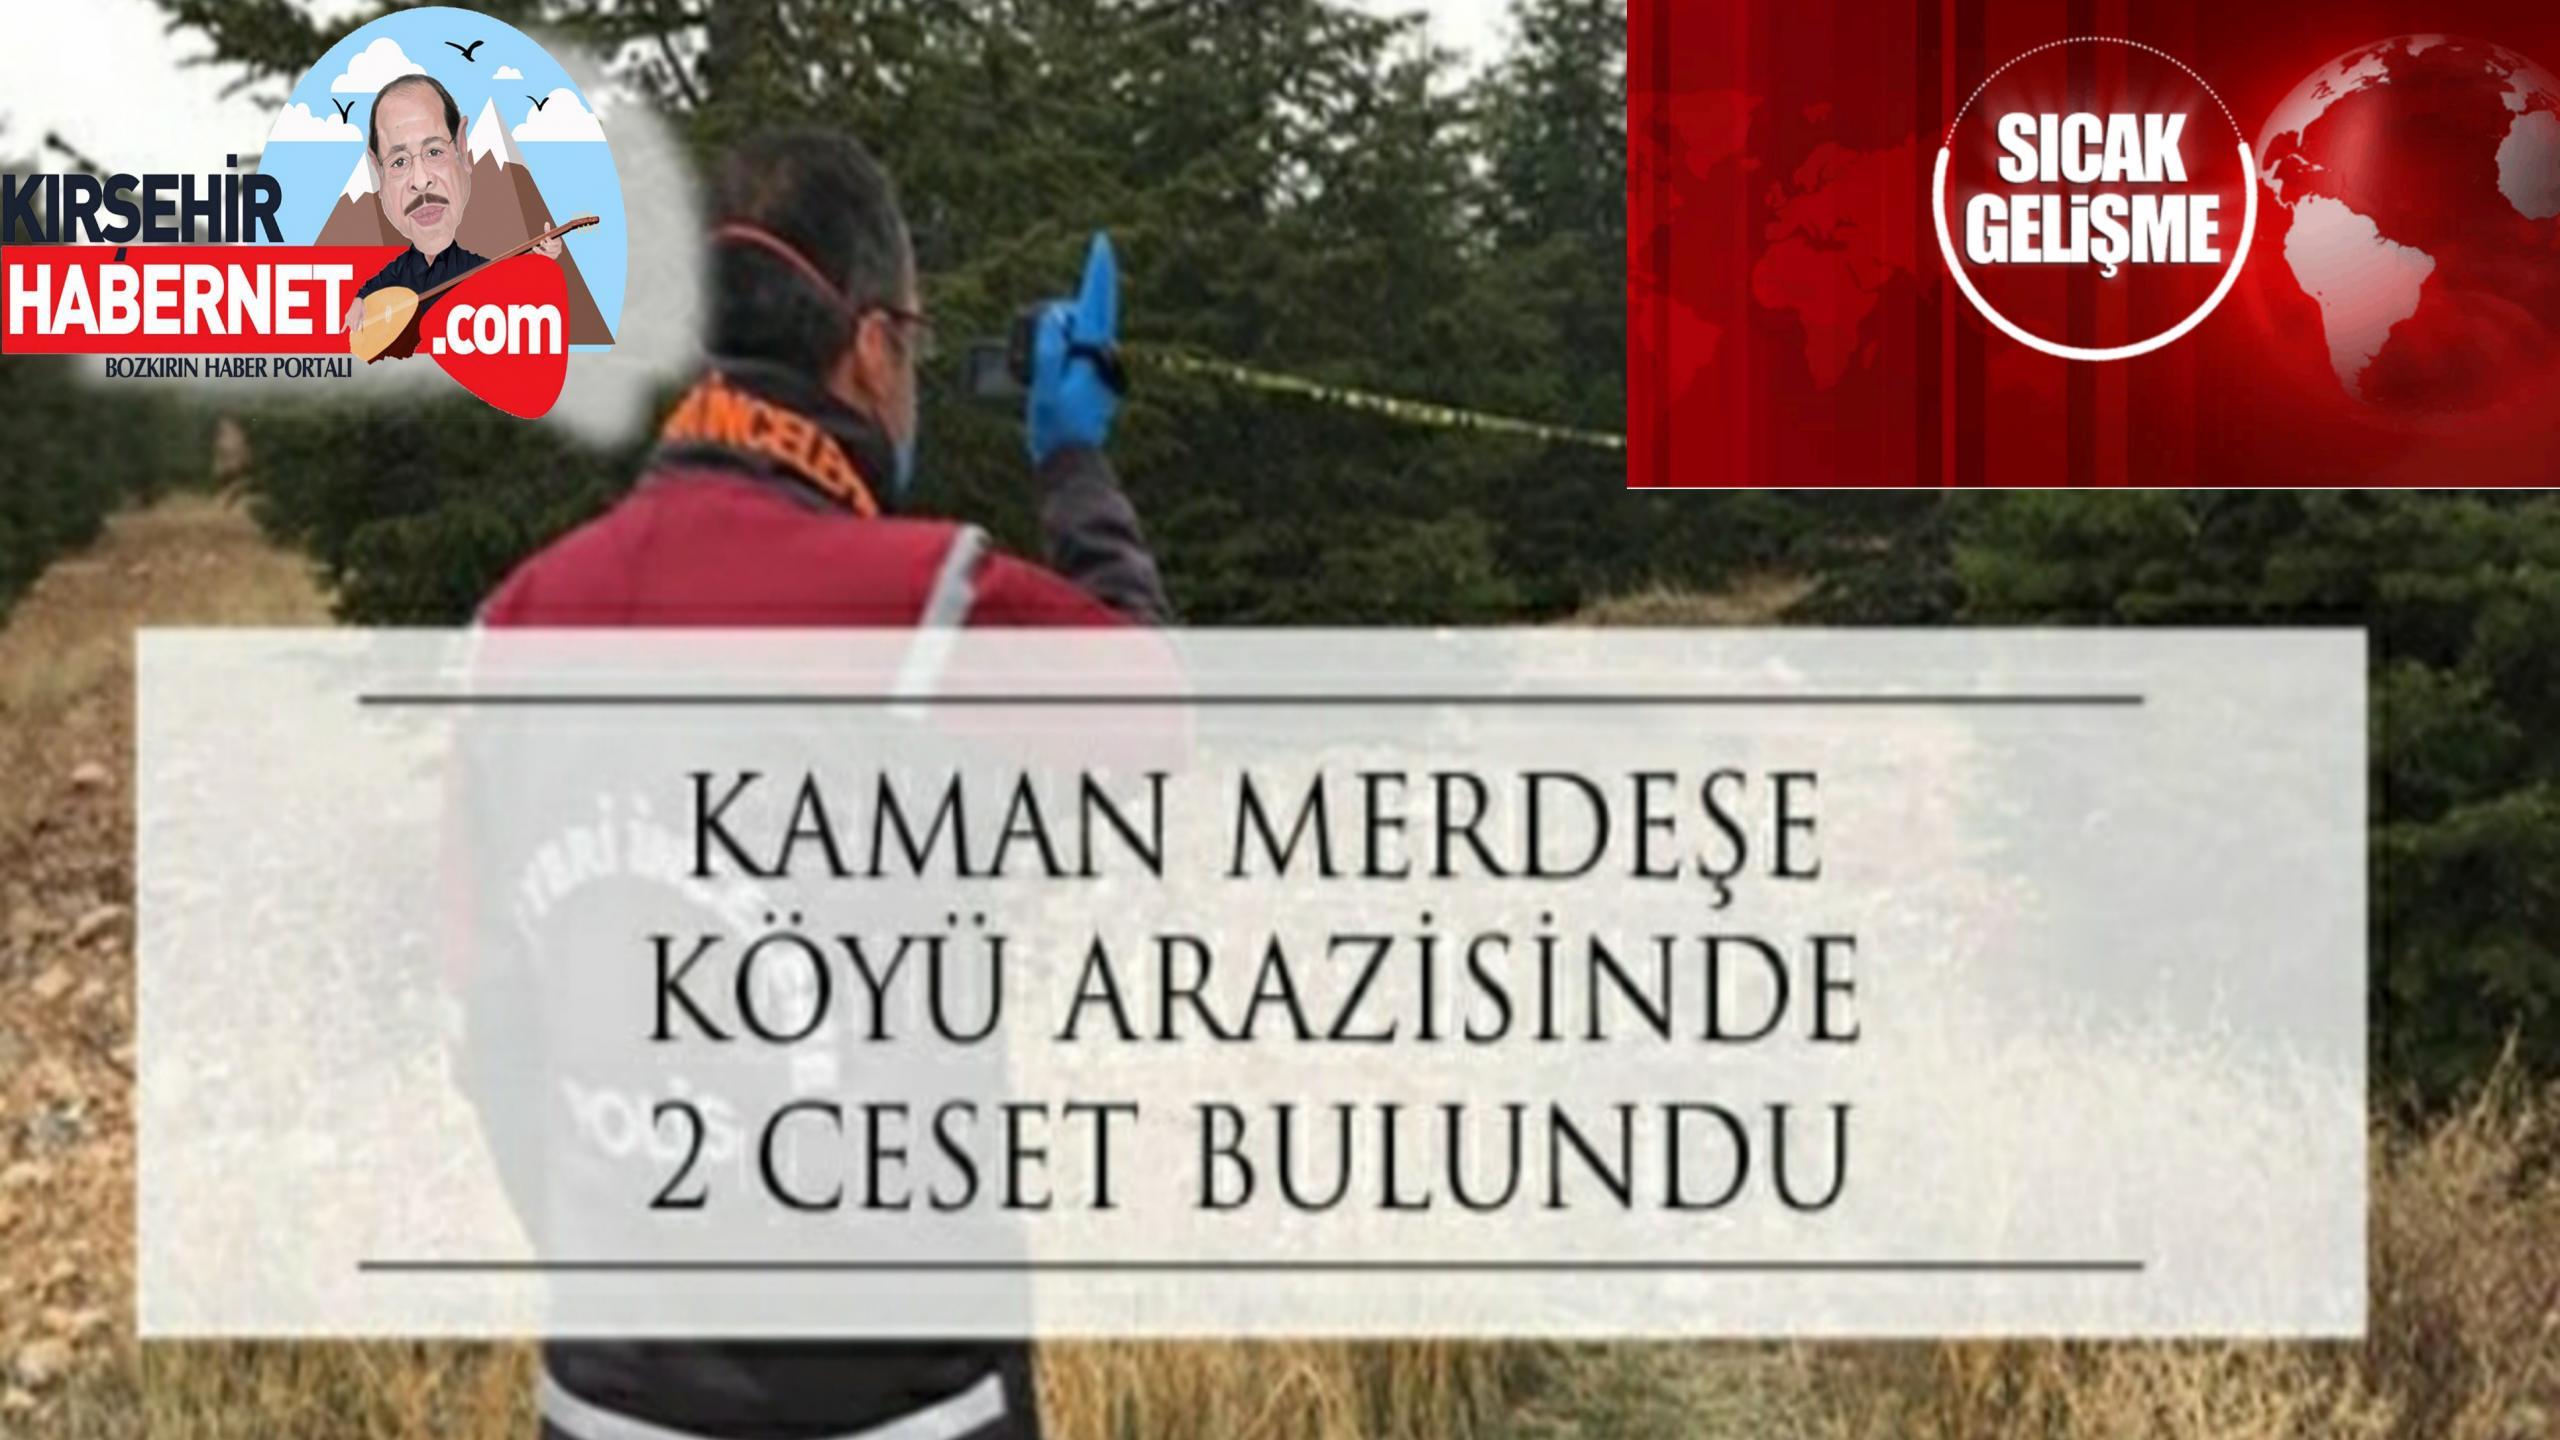 KAMAN' da MERDEŞE KÖYÜNDE 2 CESET BULUNDU !!